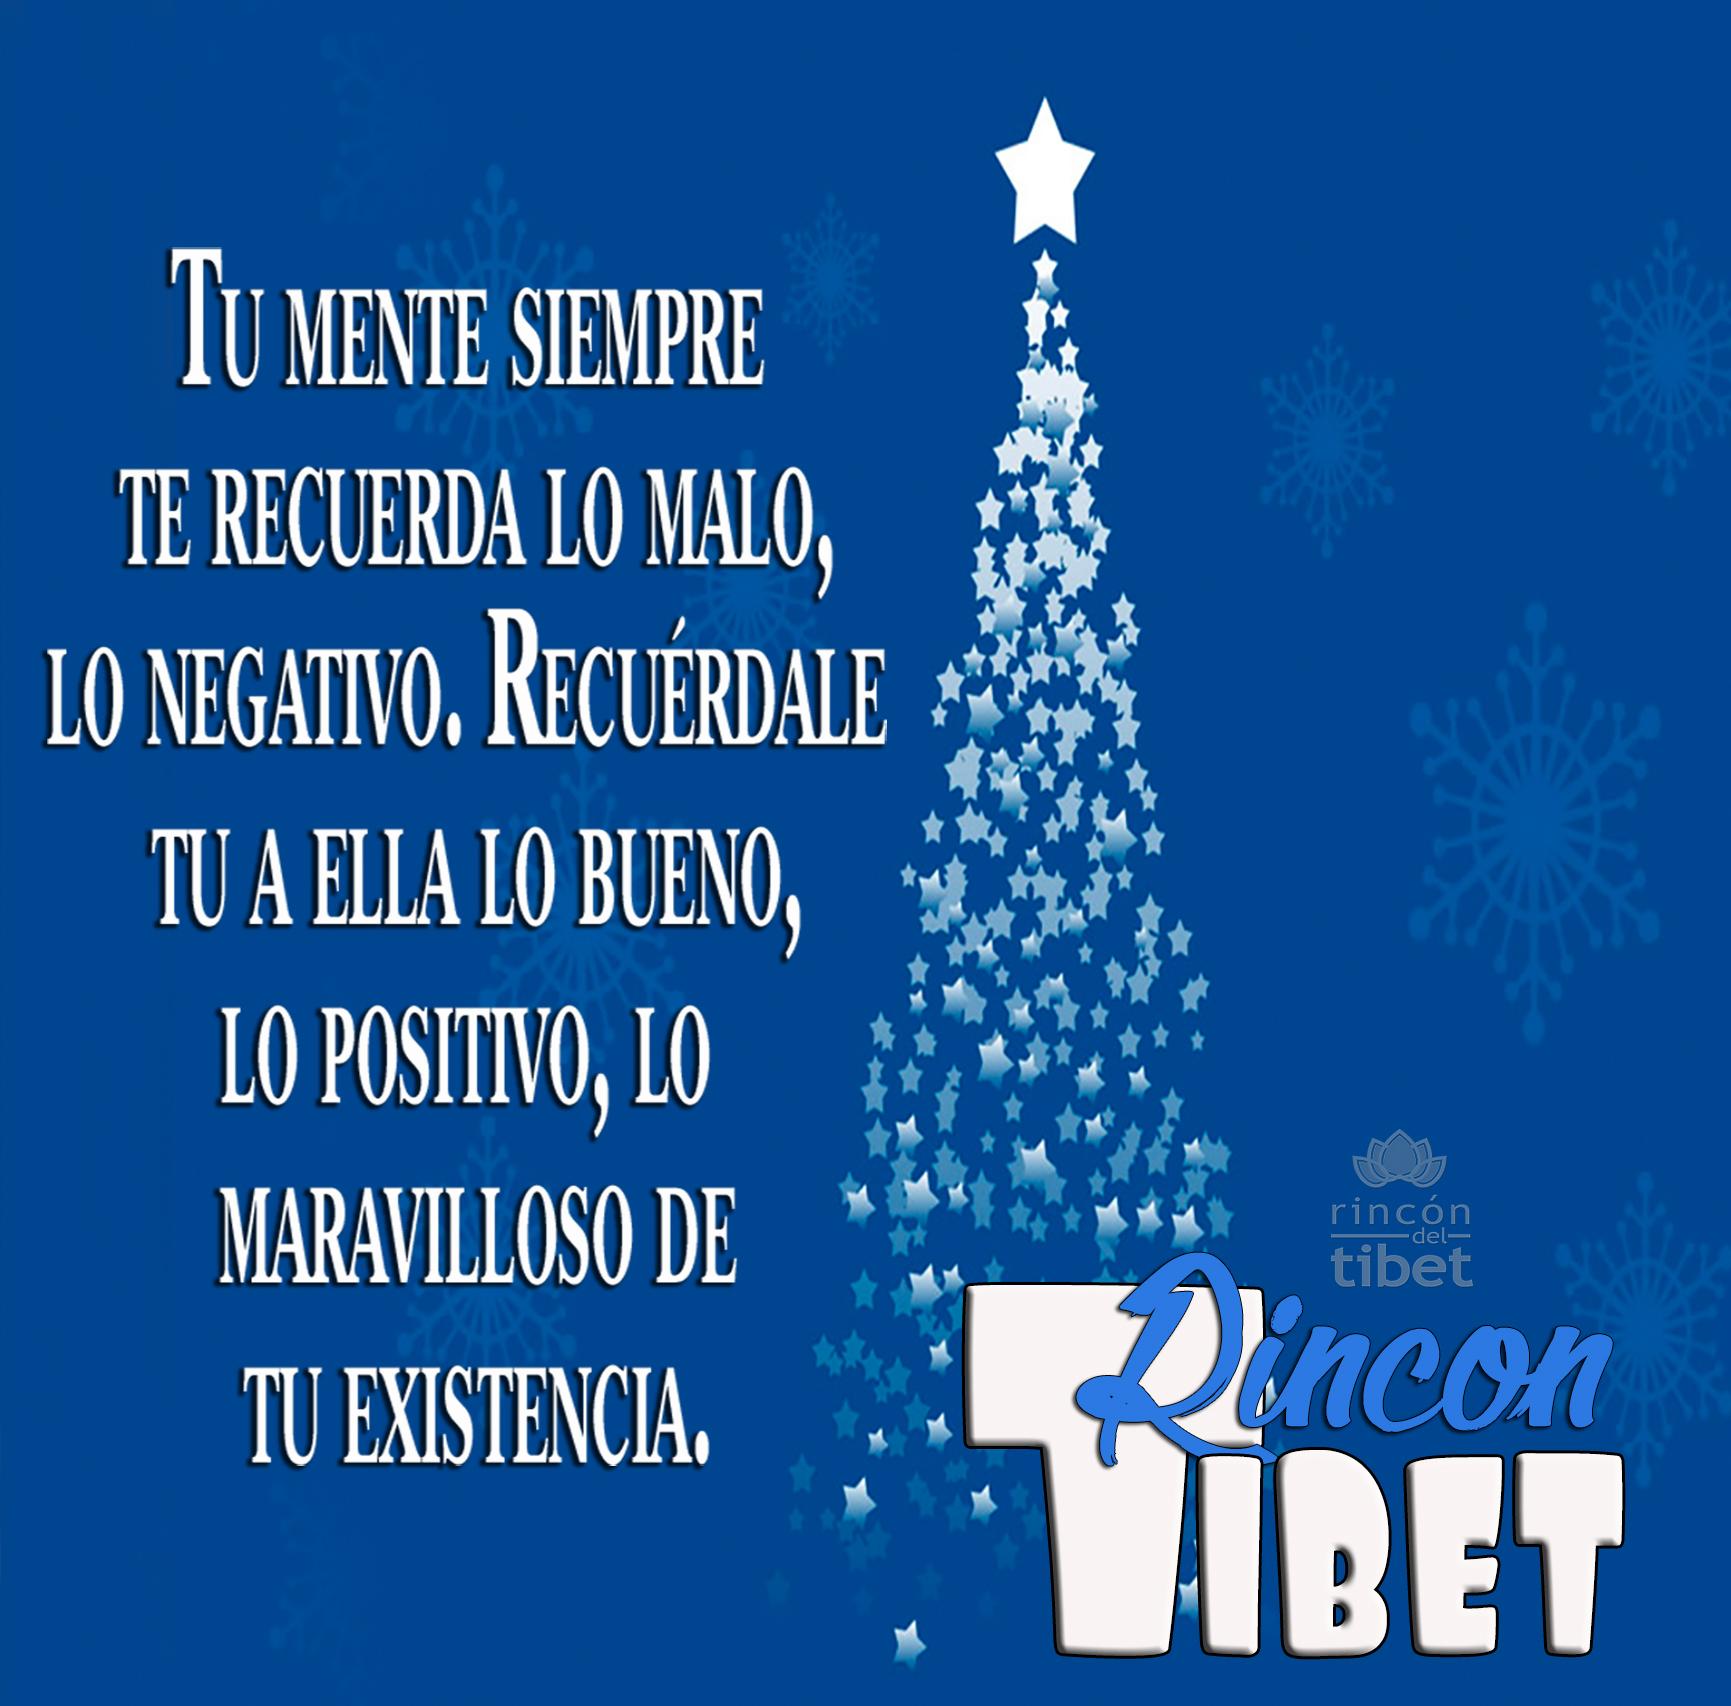 CUOTA RINCON DEL TIBET (923)